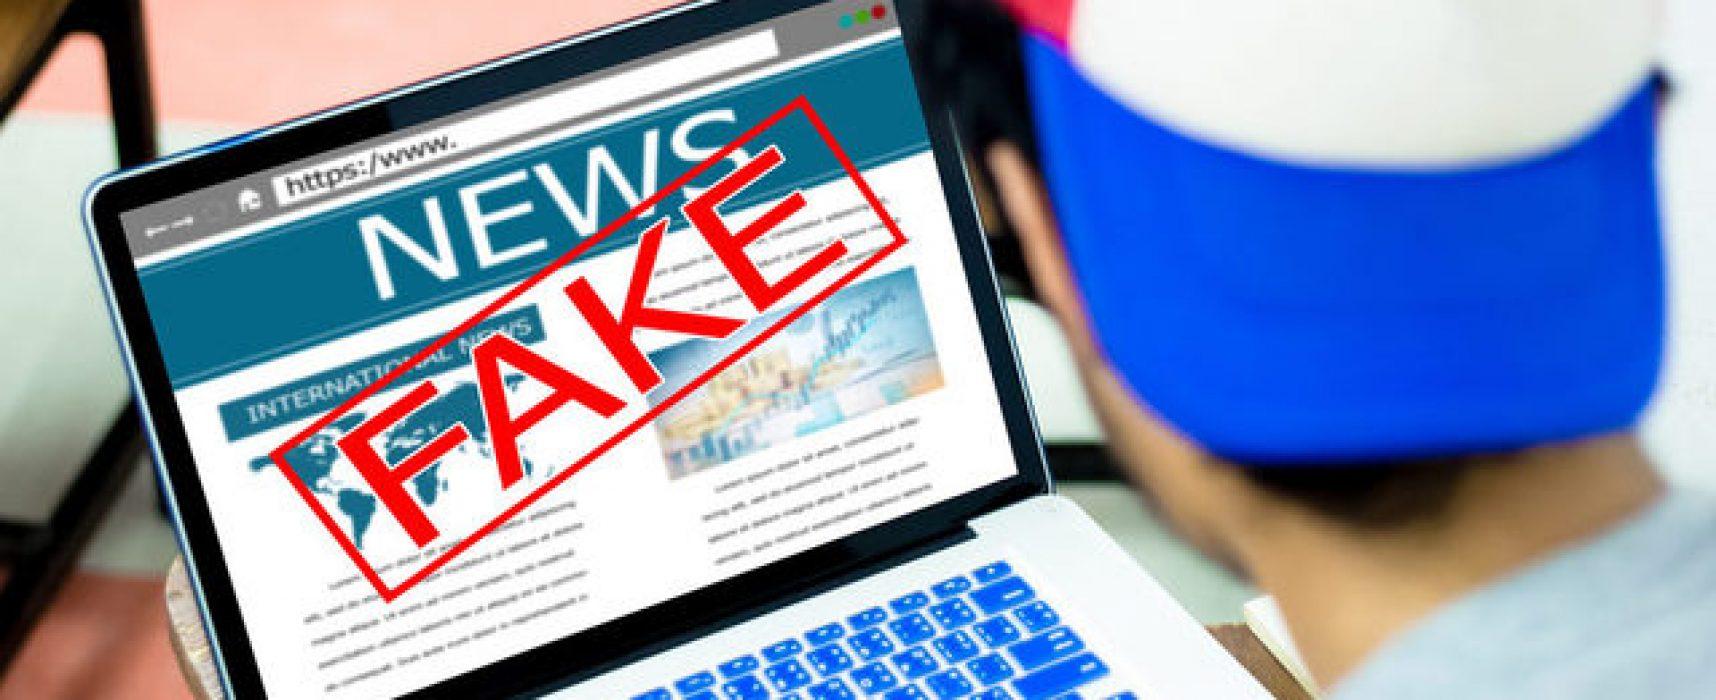 Seznam couvá, pravdivost webů hodnotit nebude. Nevěděli jsme o tom, neschválili bychom to, říká šéf